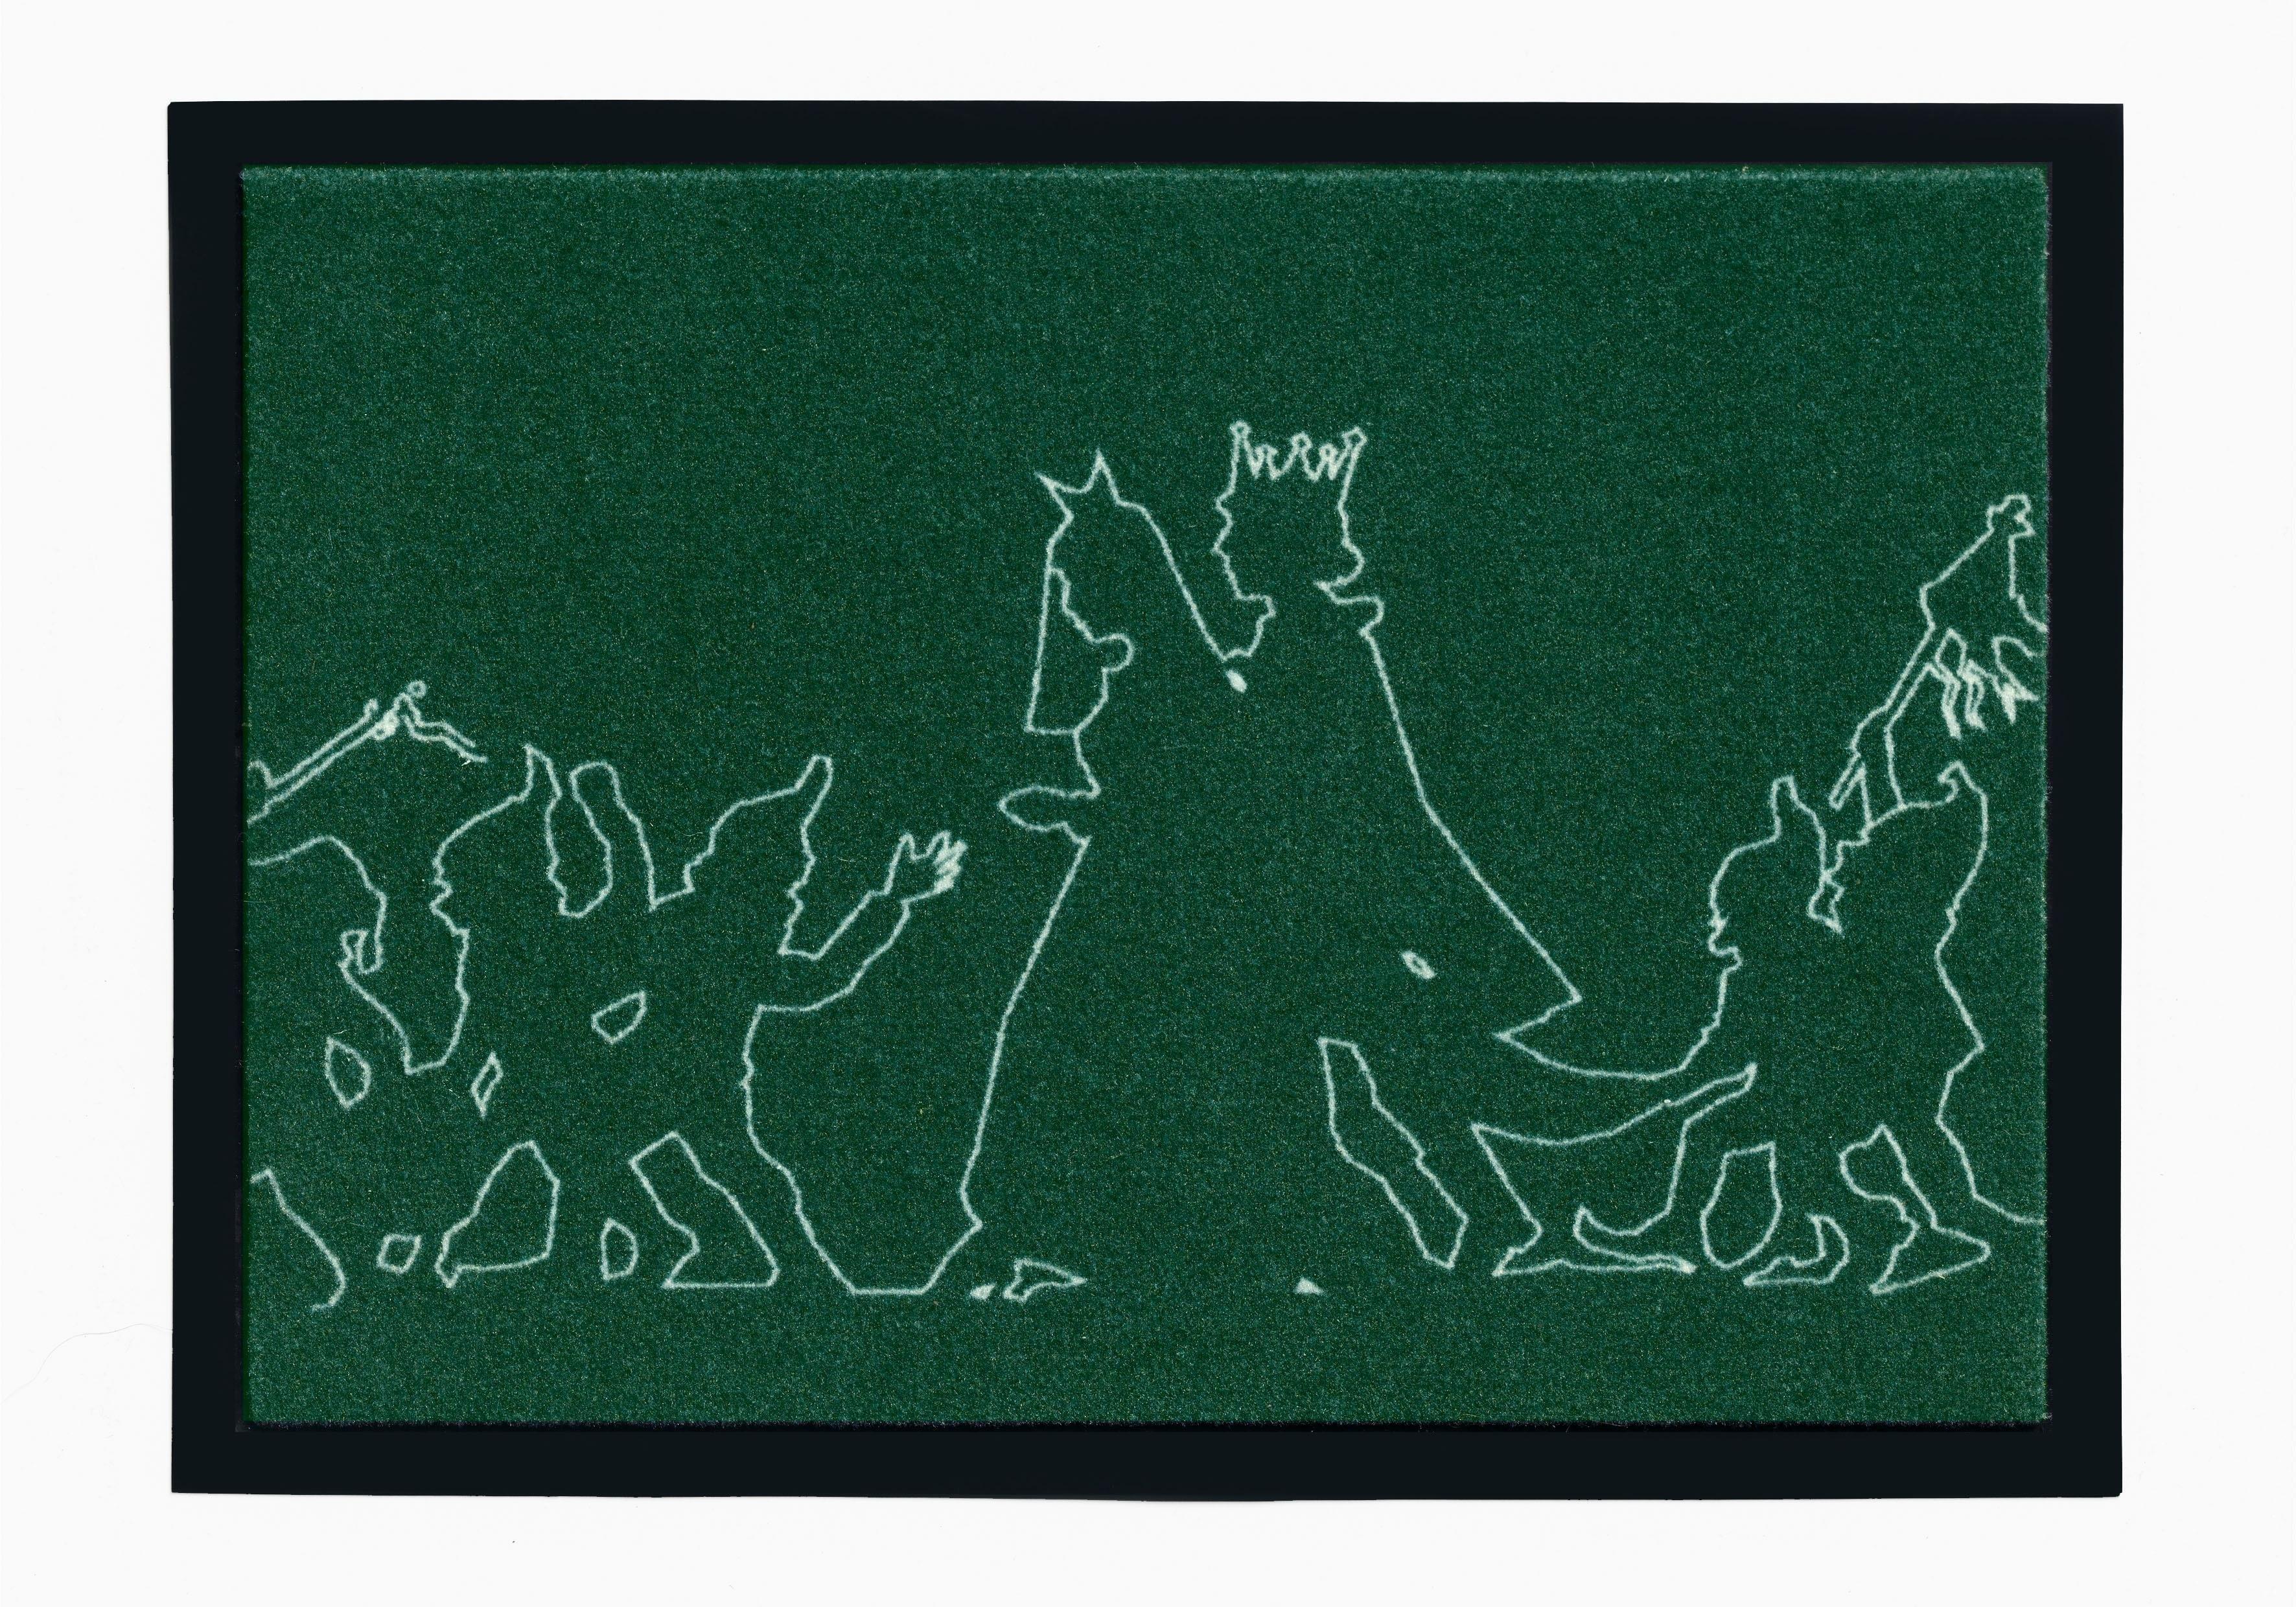 grimmliis mat »Sprookje 3«, hoogte 2 mm, met antislip-coating nu online bestellen